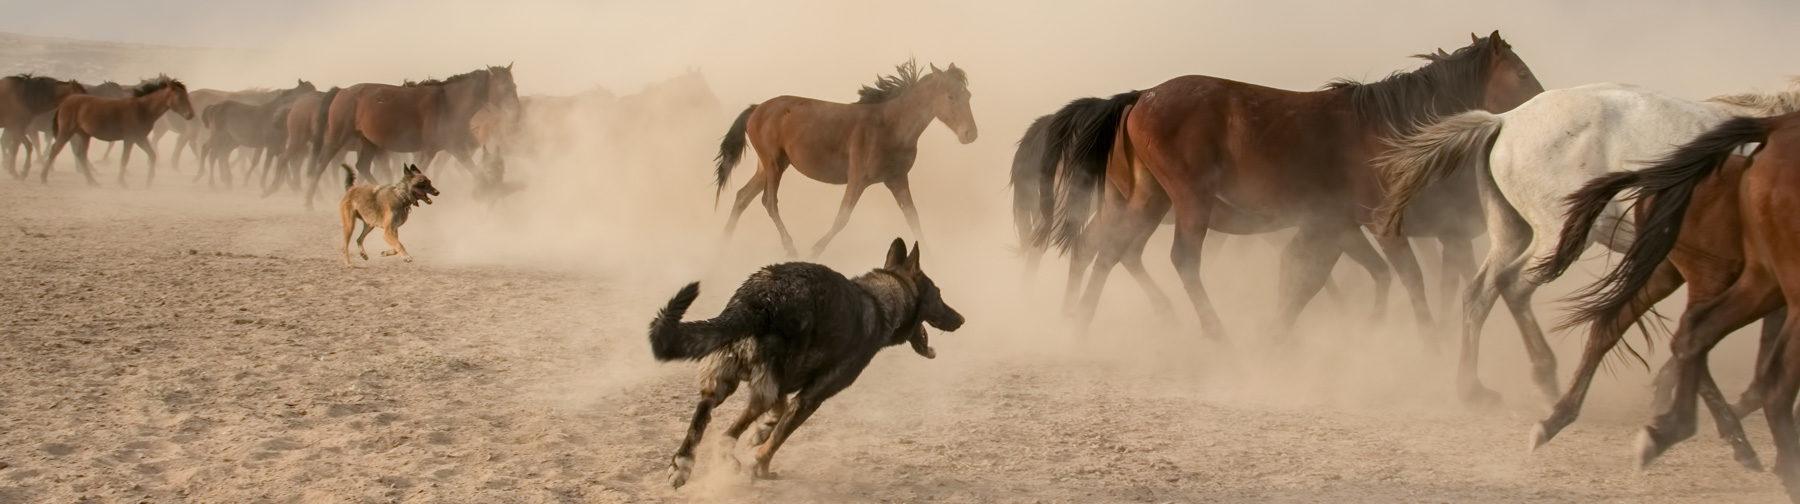 Tanıtım için sınırları zorlamak Yılkı Atları Fotoğrafları www.hakanaydın.com.tr ÇekerGezeR Hakan Aydın